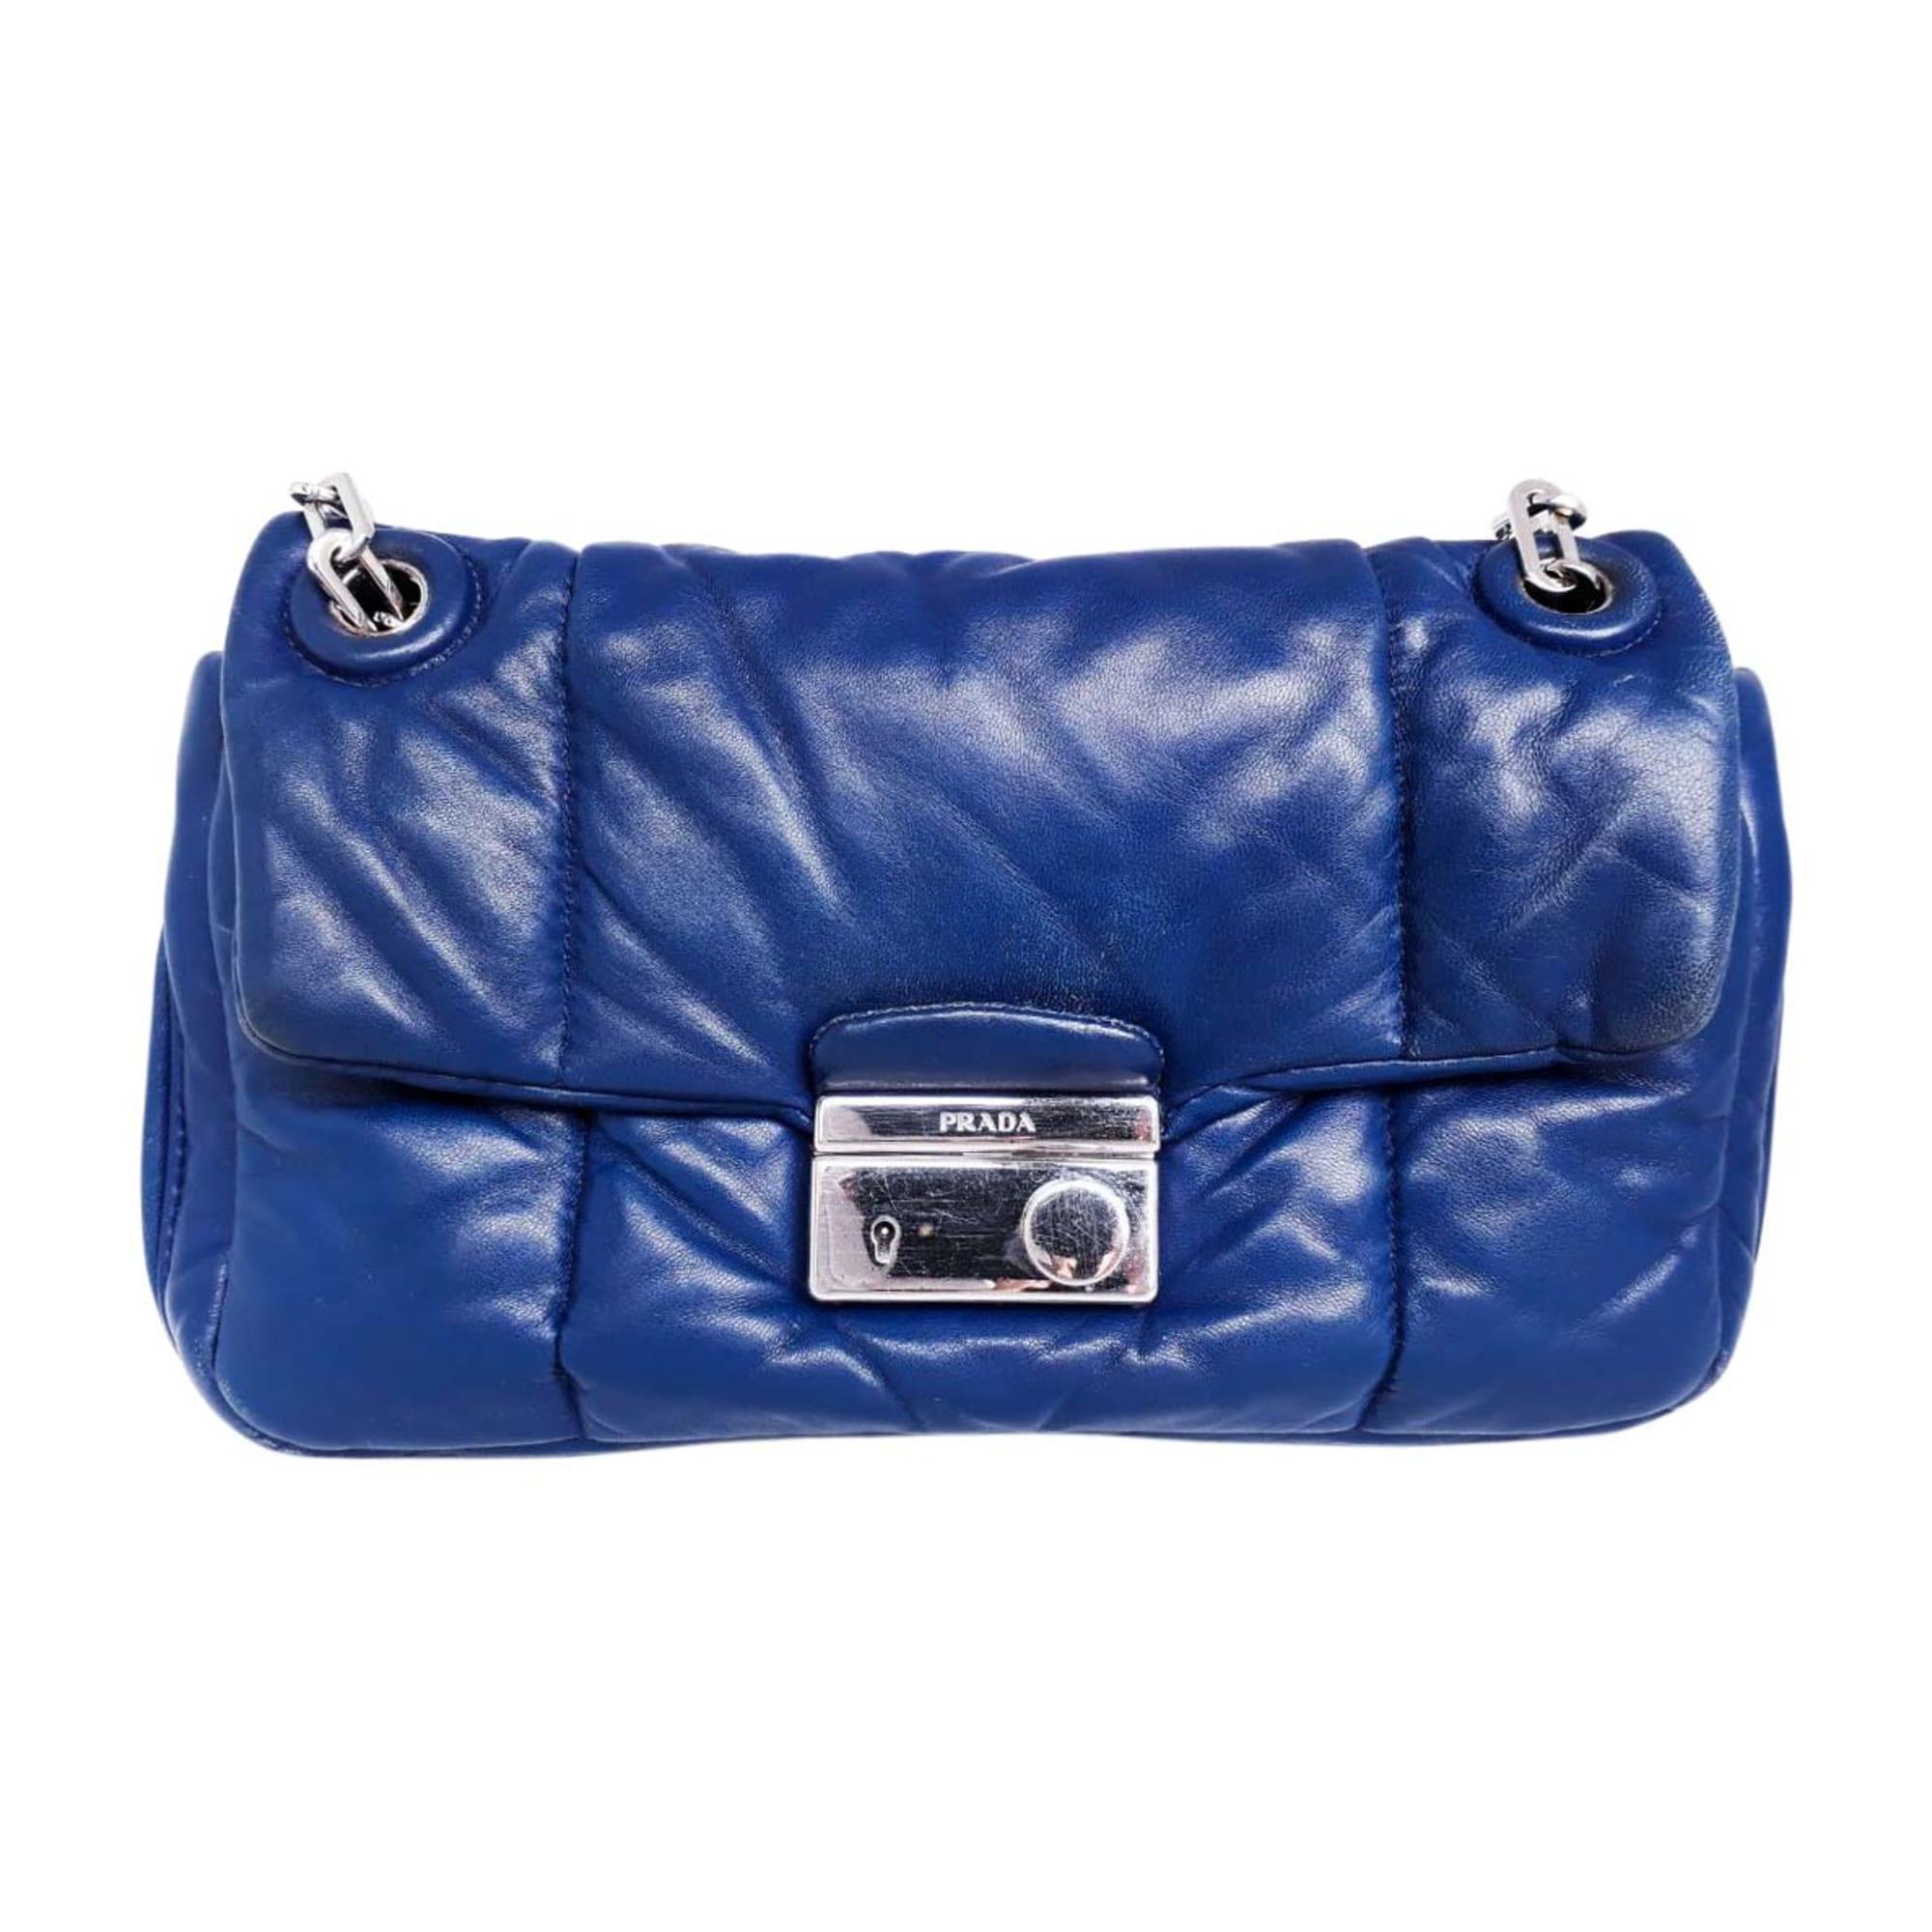 e7bf7669d1de Leather Shoulder Bag PRADA blue - 7931776